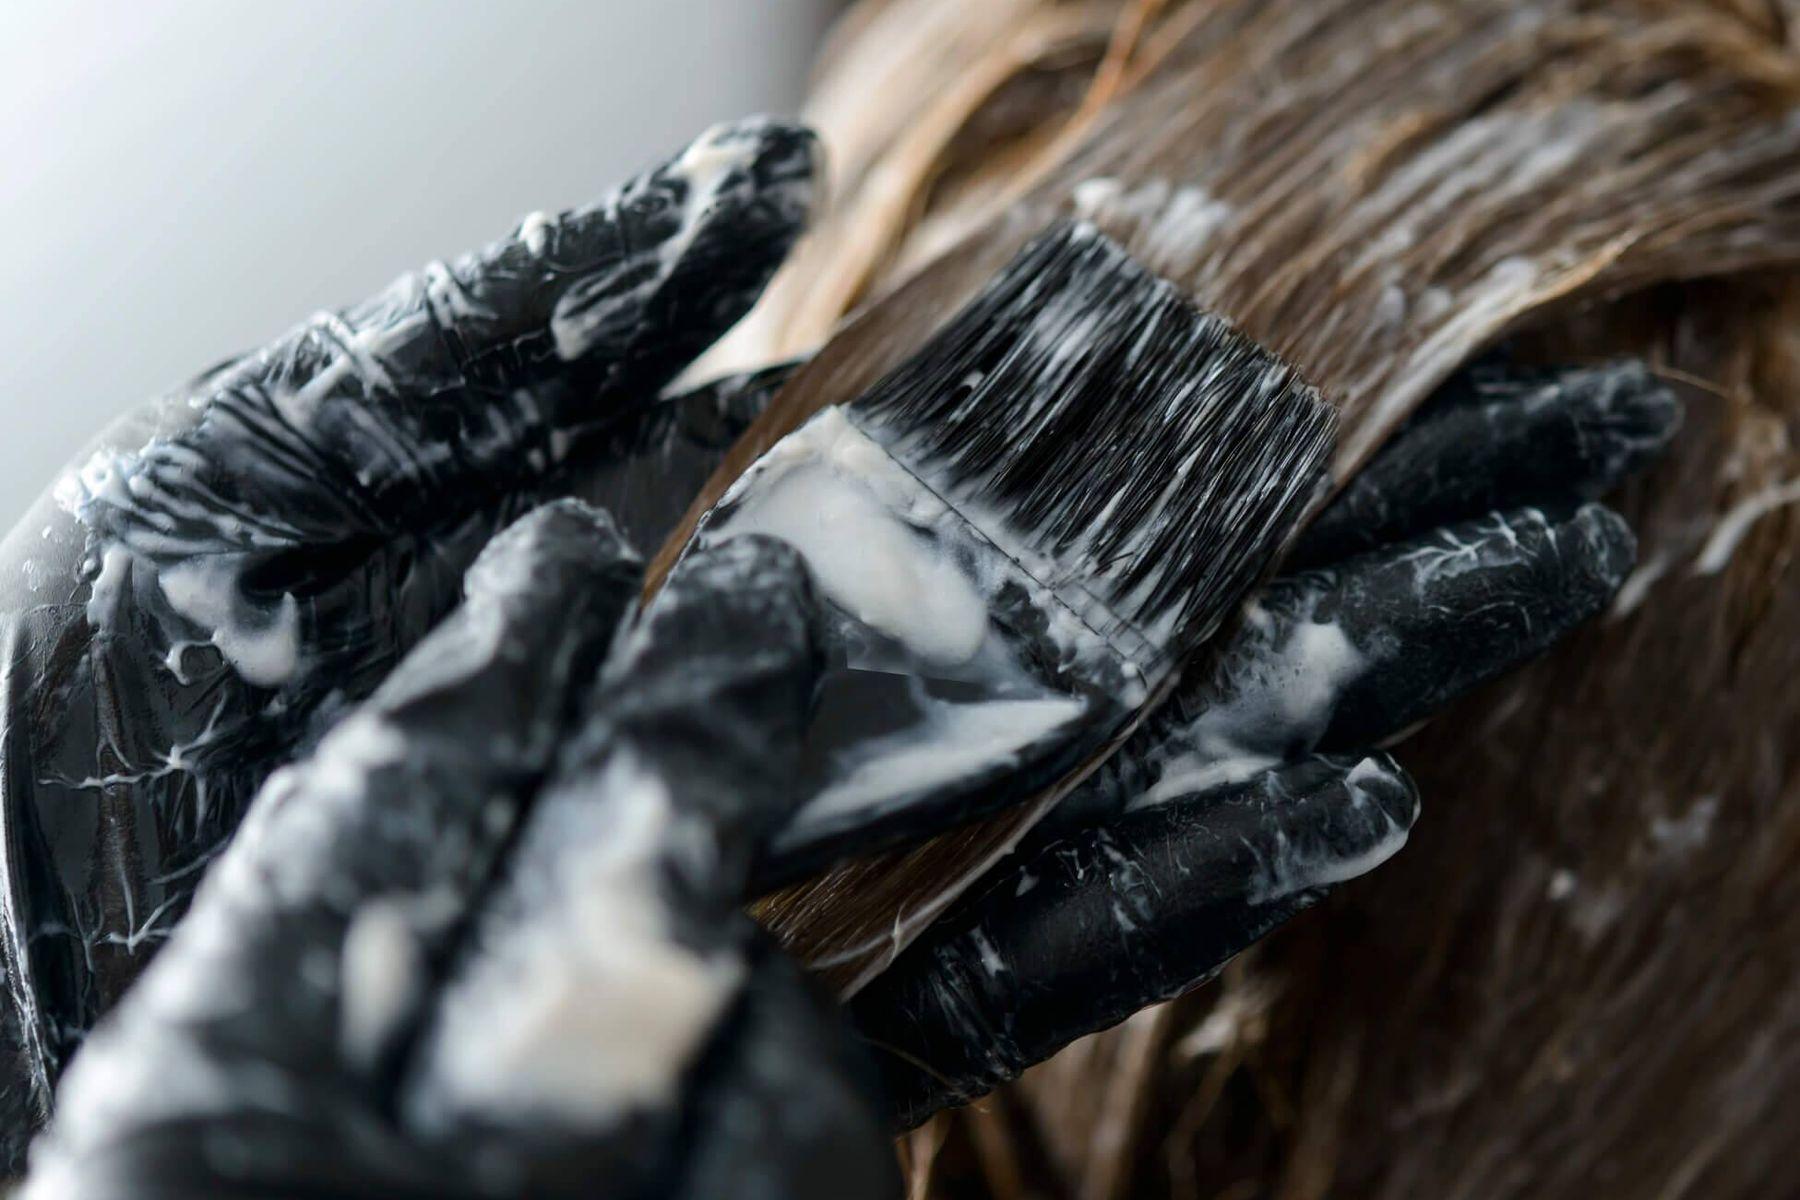 Pessoa tingindo o cabelo